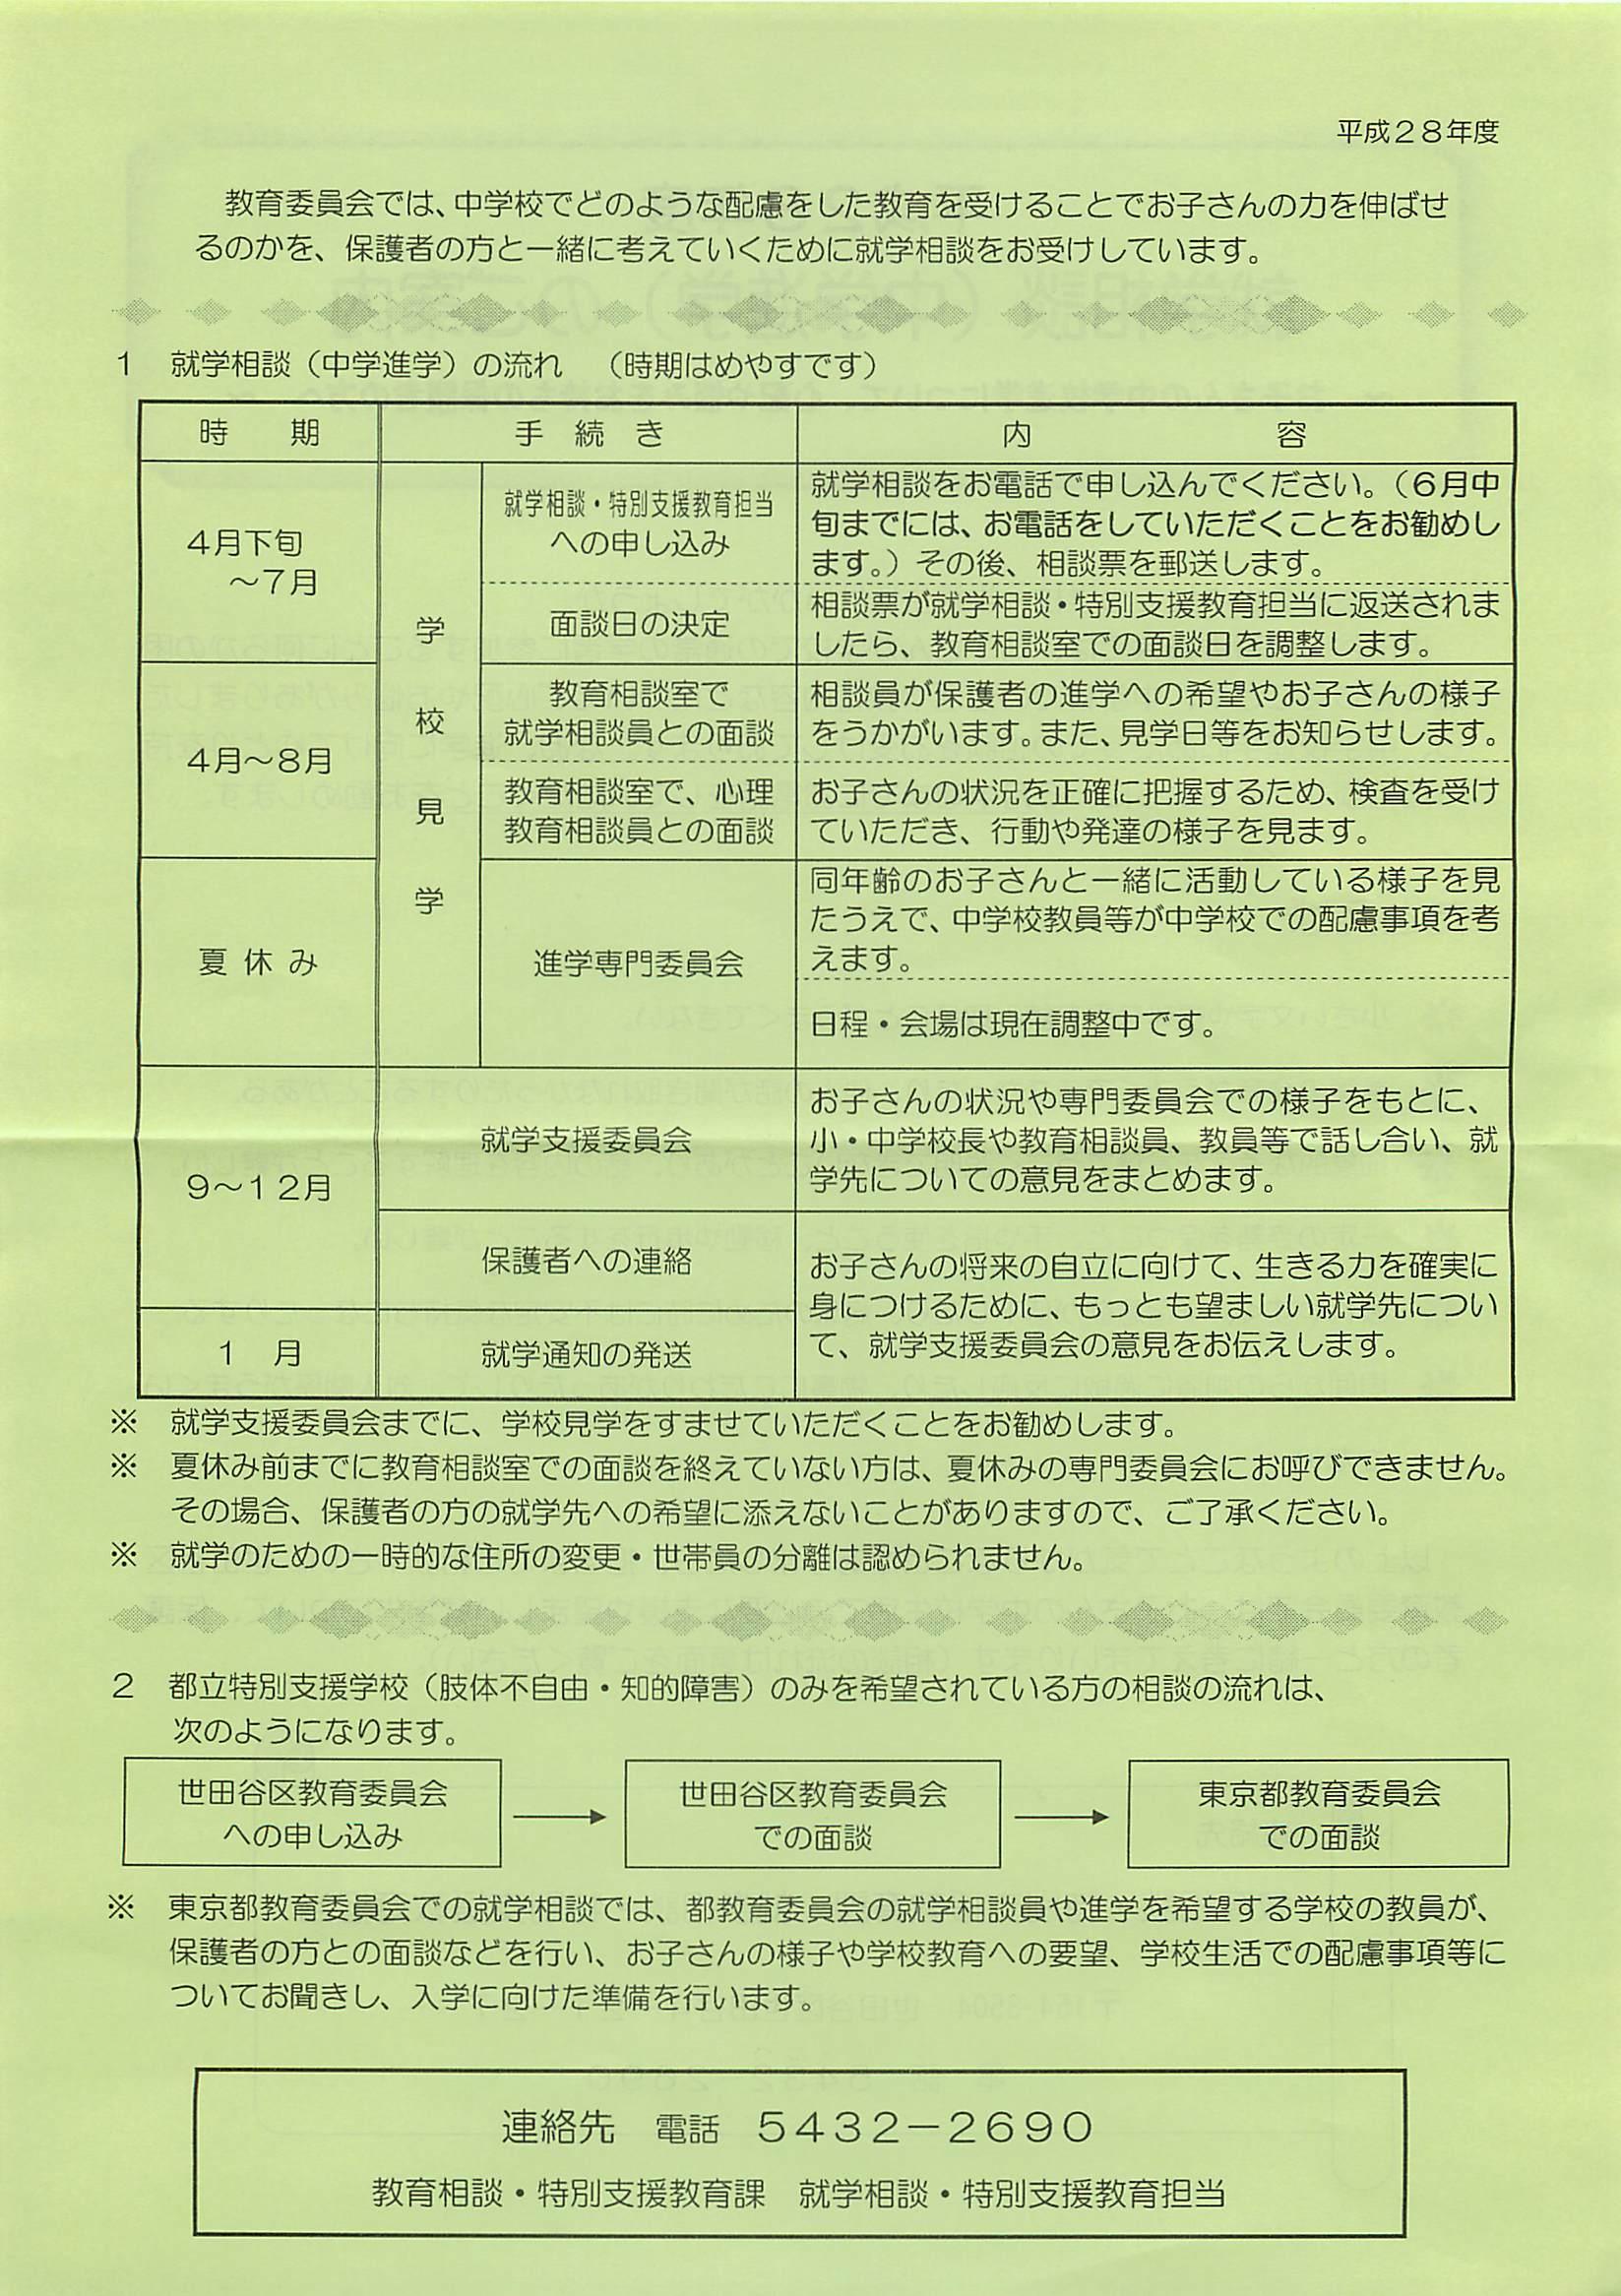 就学相談の案内_ページ_2